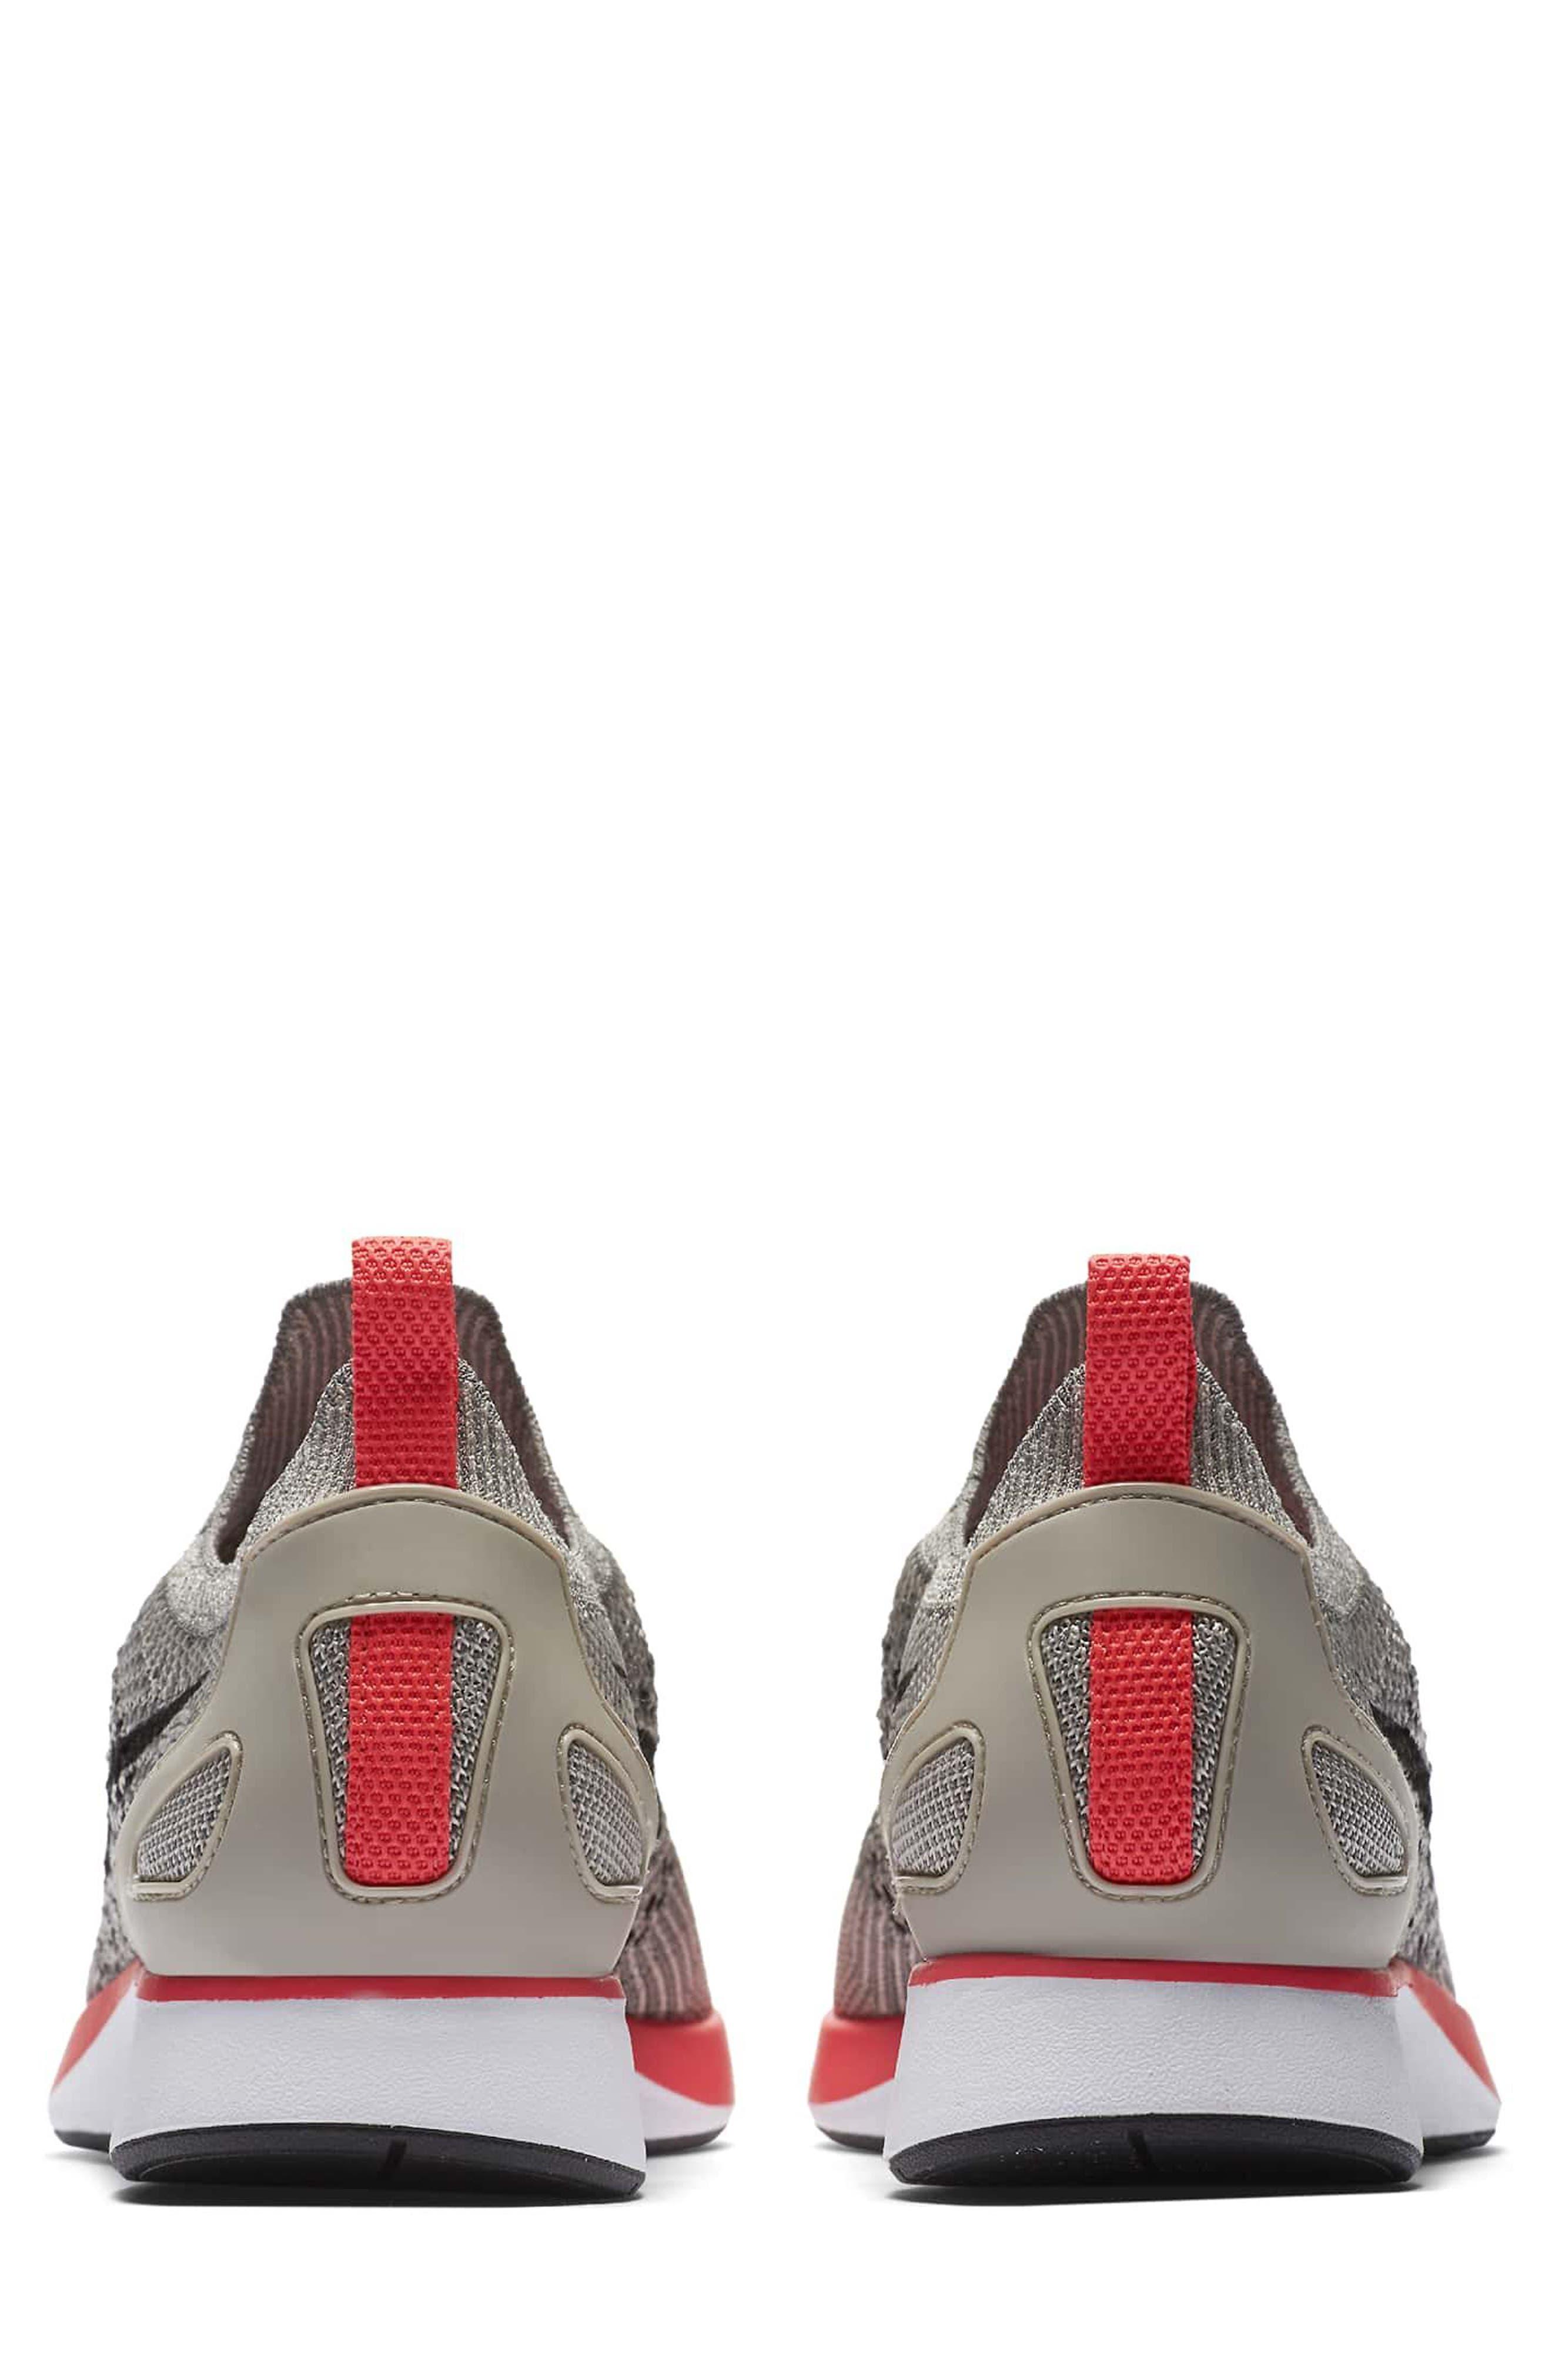 Air Zoom Mariah Flyknit Racer Sneaker,                             Alternate thumbnail 4, color,                             String/ Black/ White